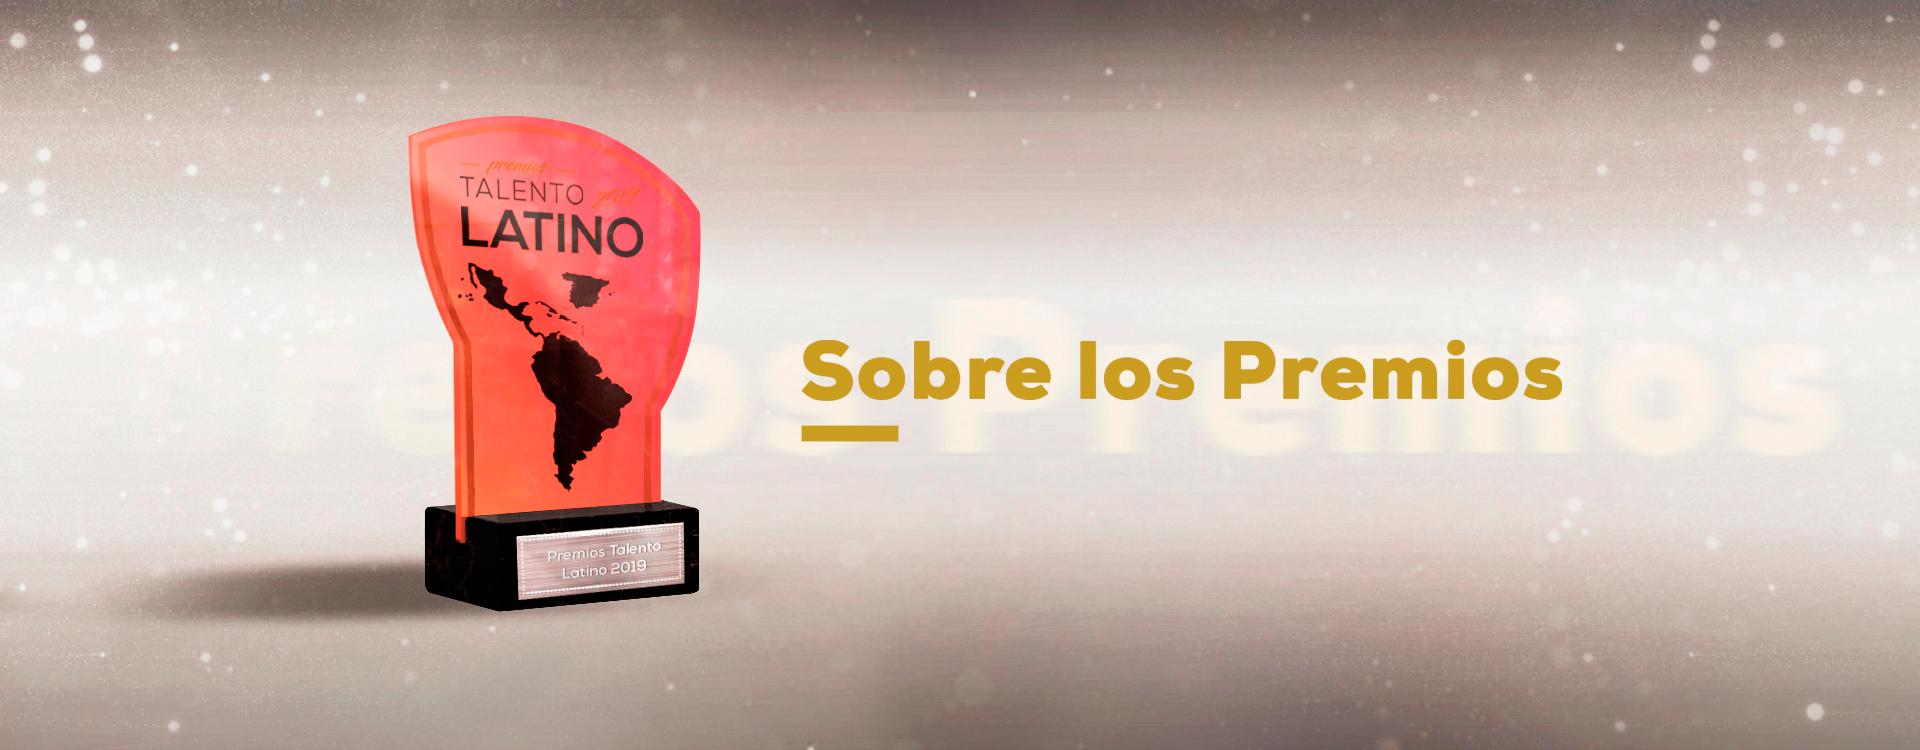 sobre los premios talento latino